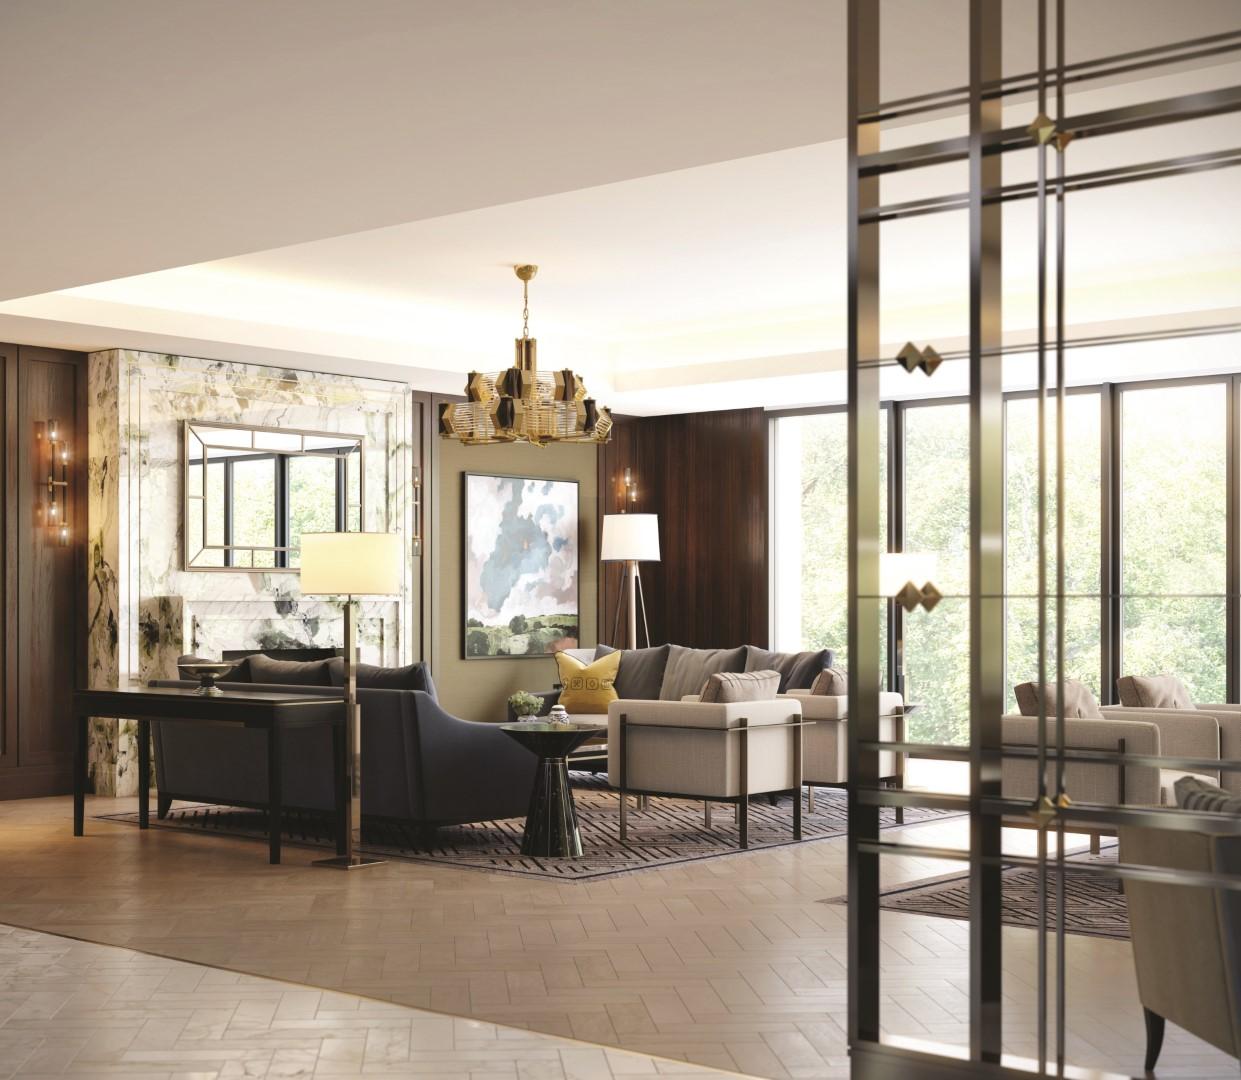 New Lease - Luxury Retirement